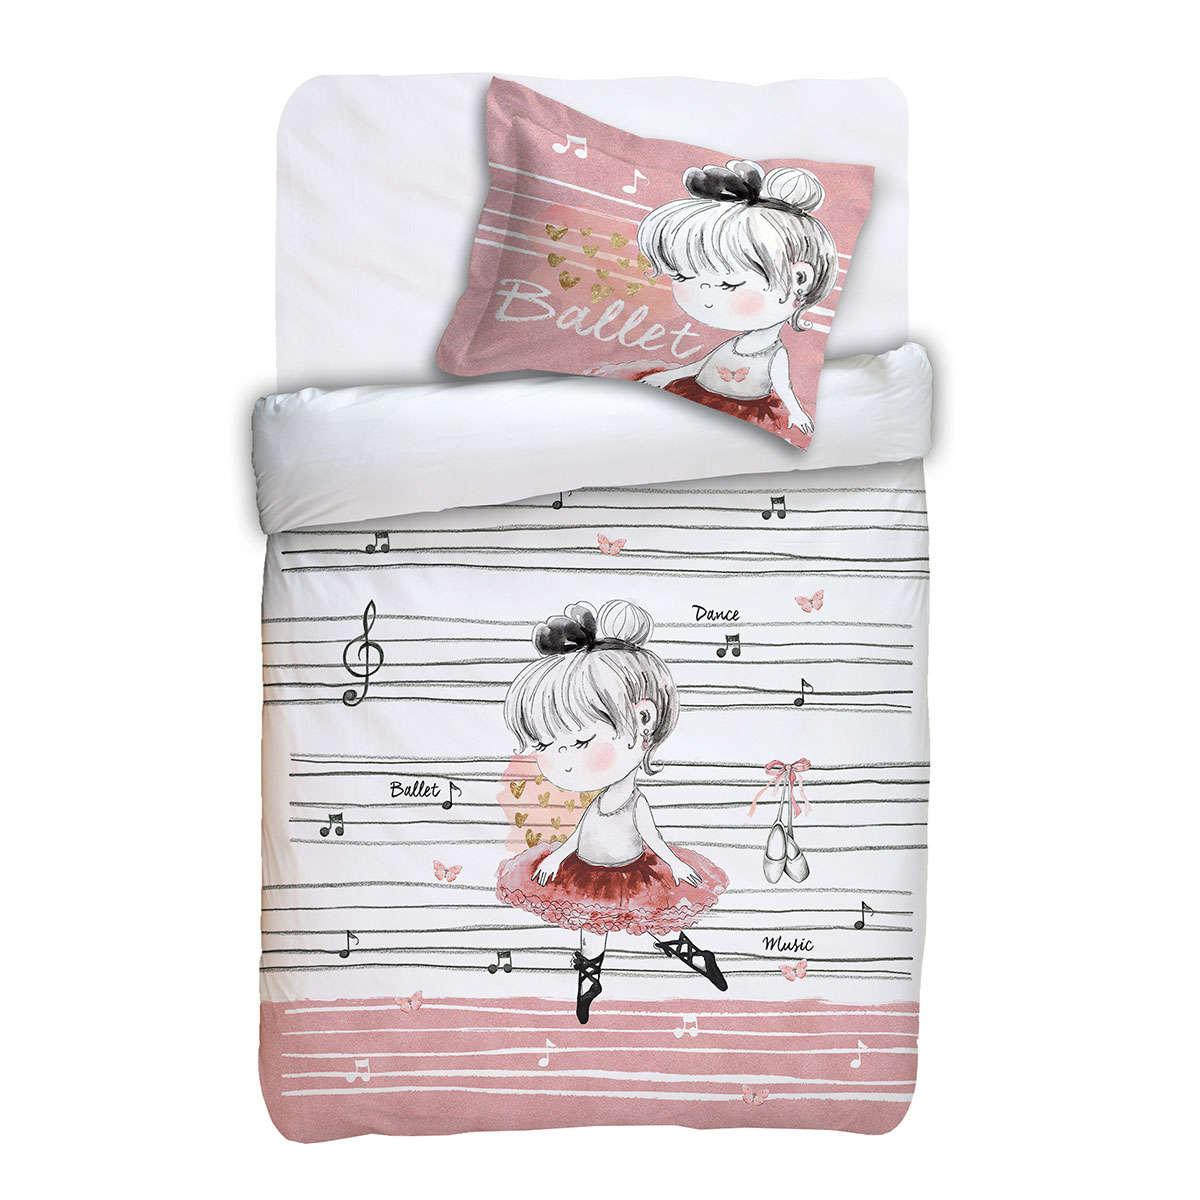 Παπλωματοθήκη Βρεφική Σετ 2 τμχ Des. Ballet White-Pink Anna Riska 120x165cm